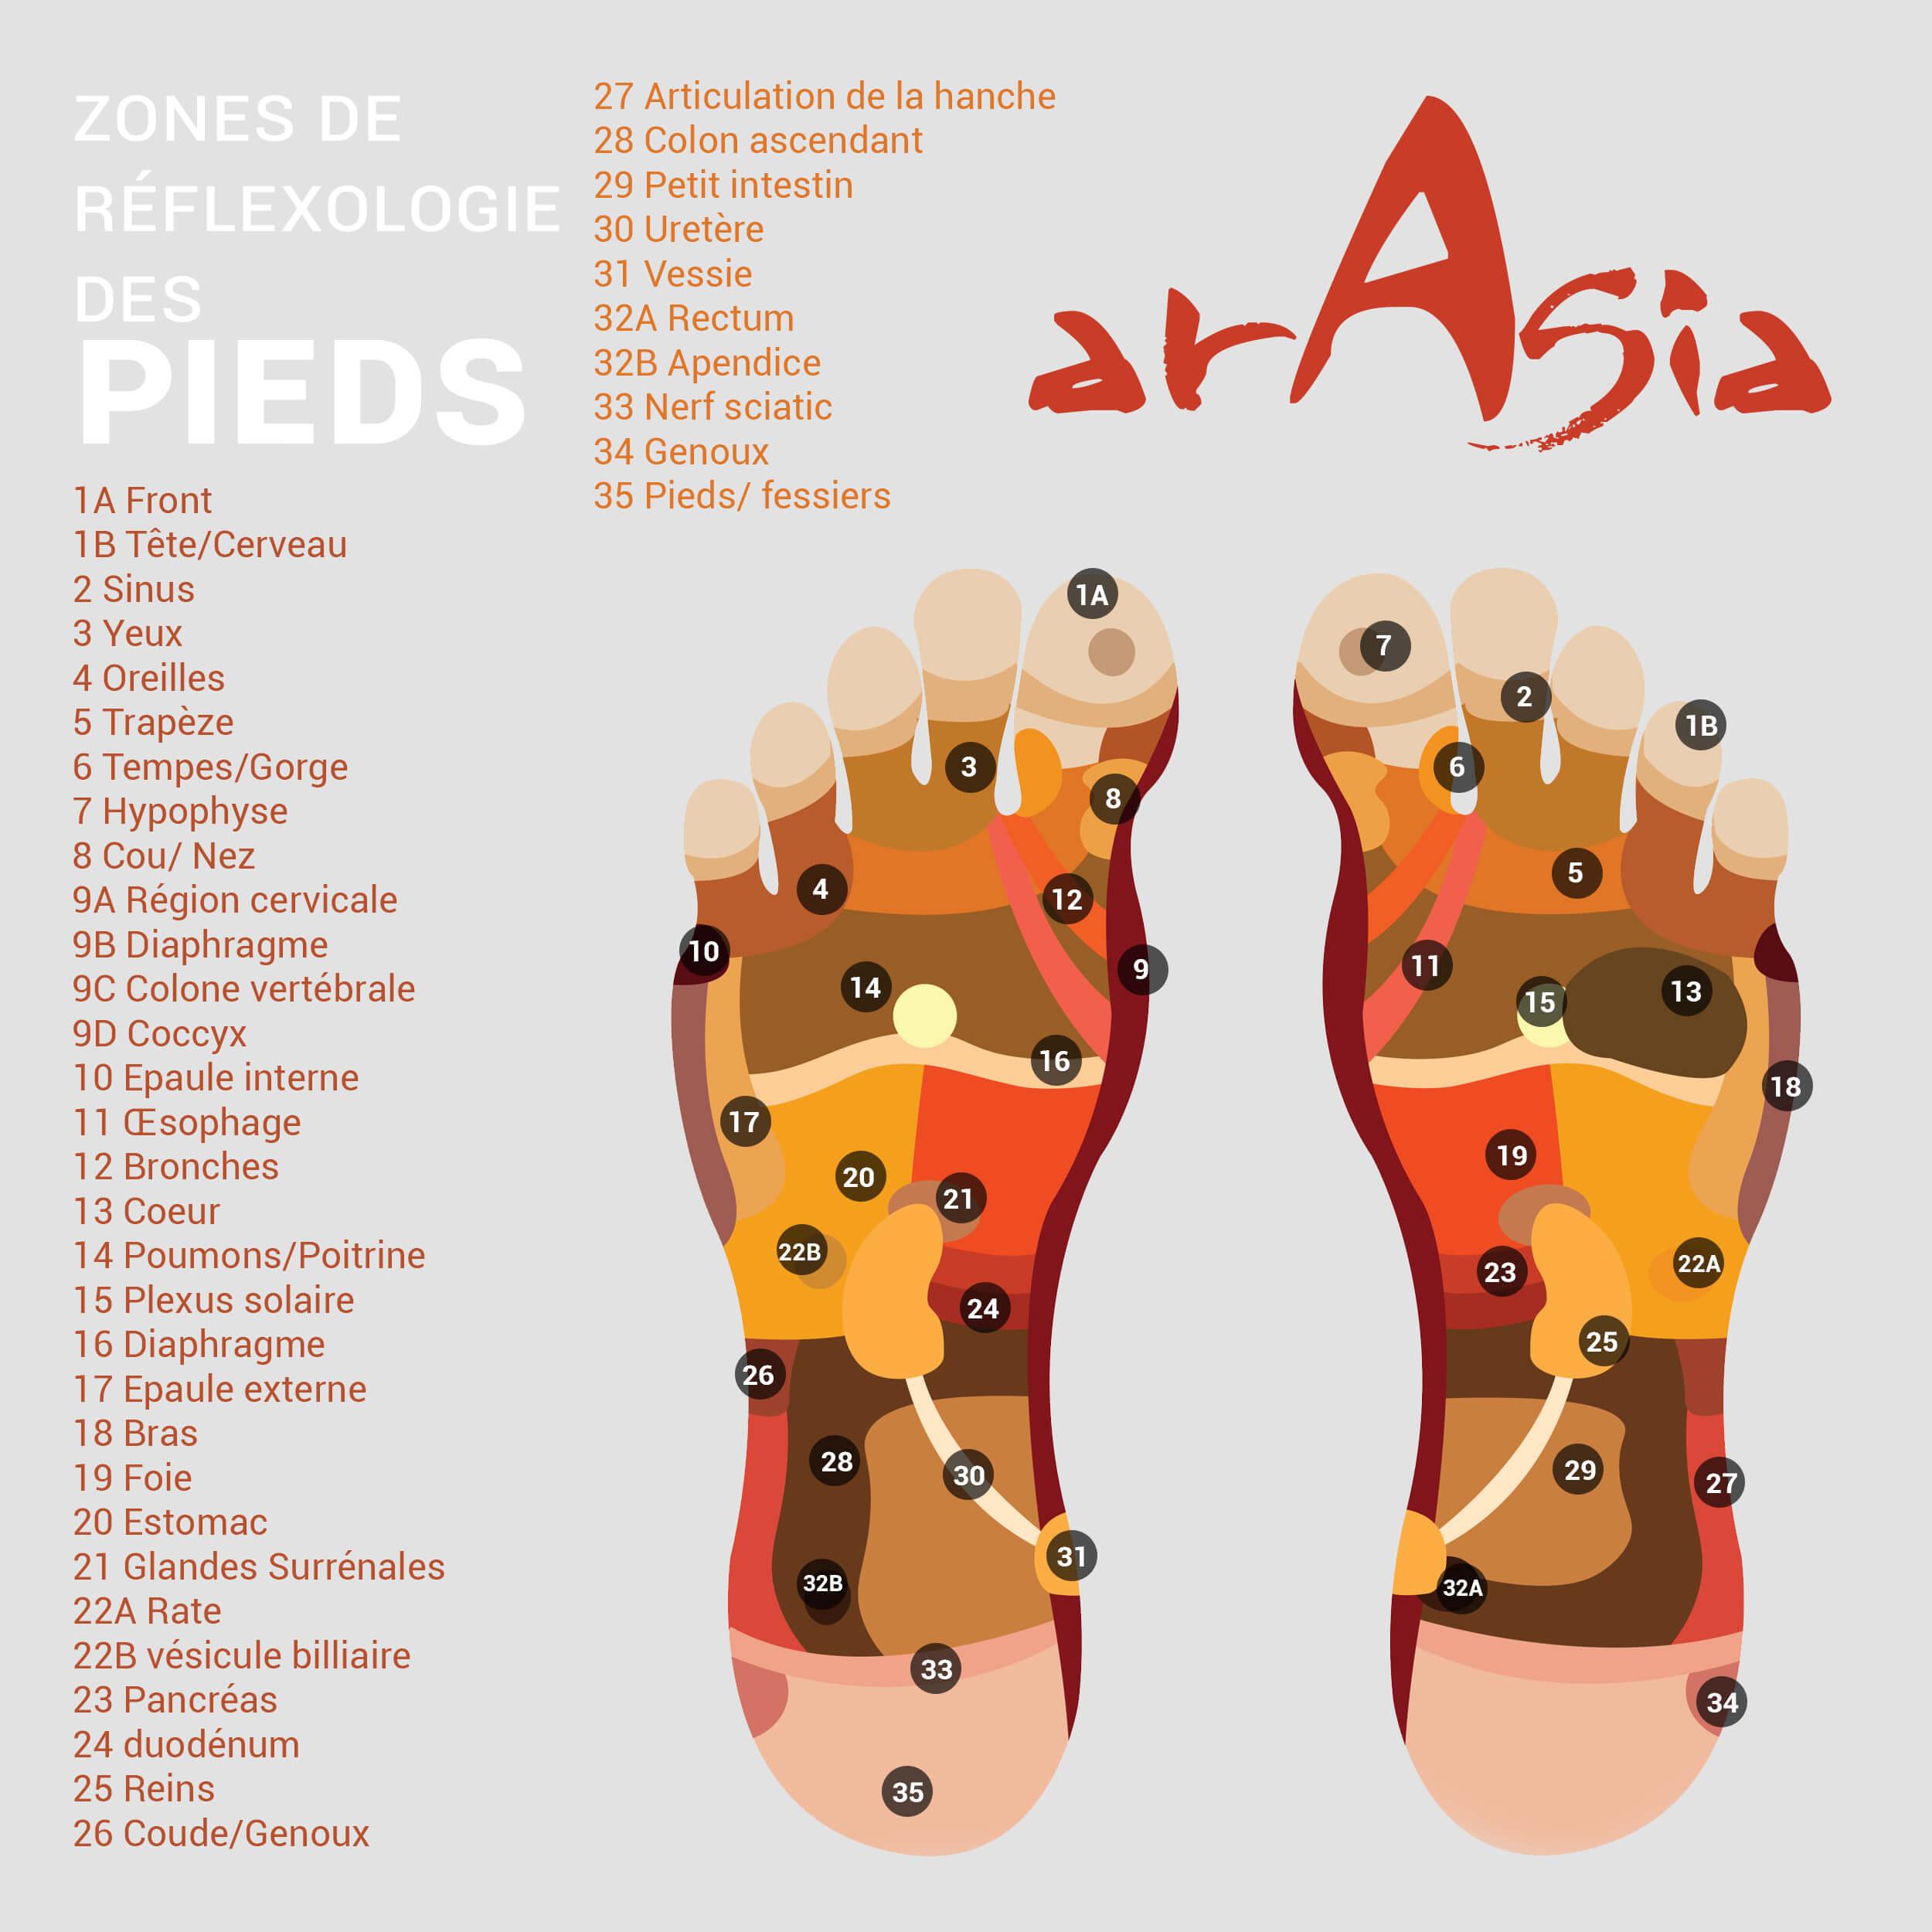 carte reflexologie pieds ARASIA